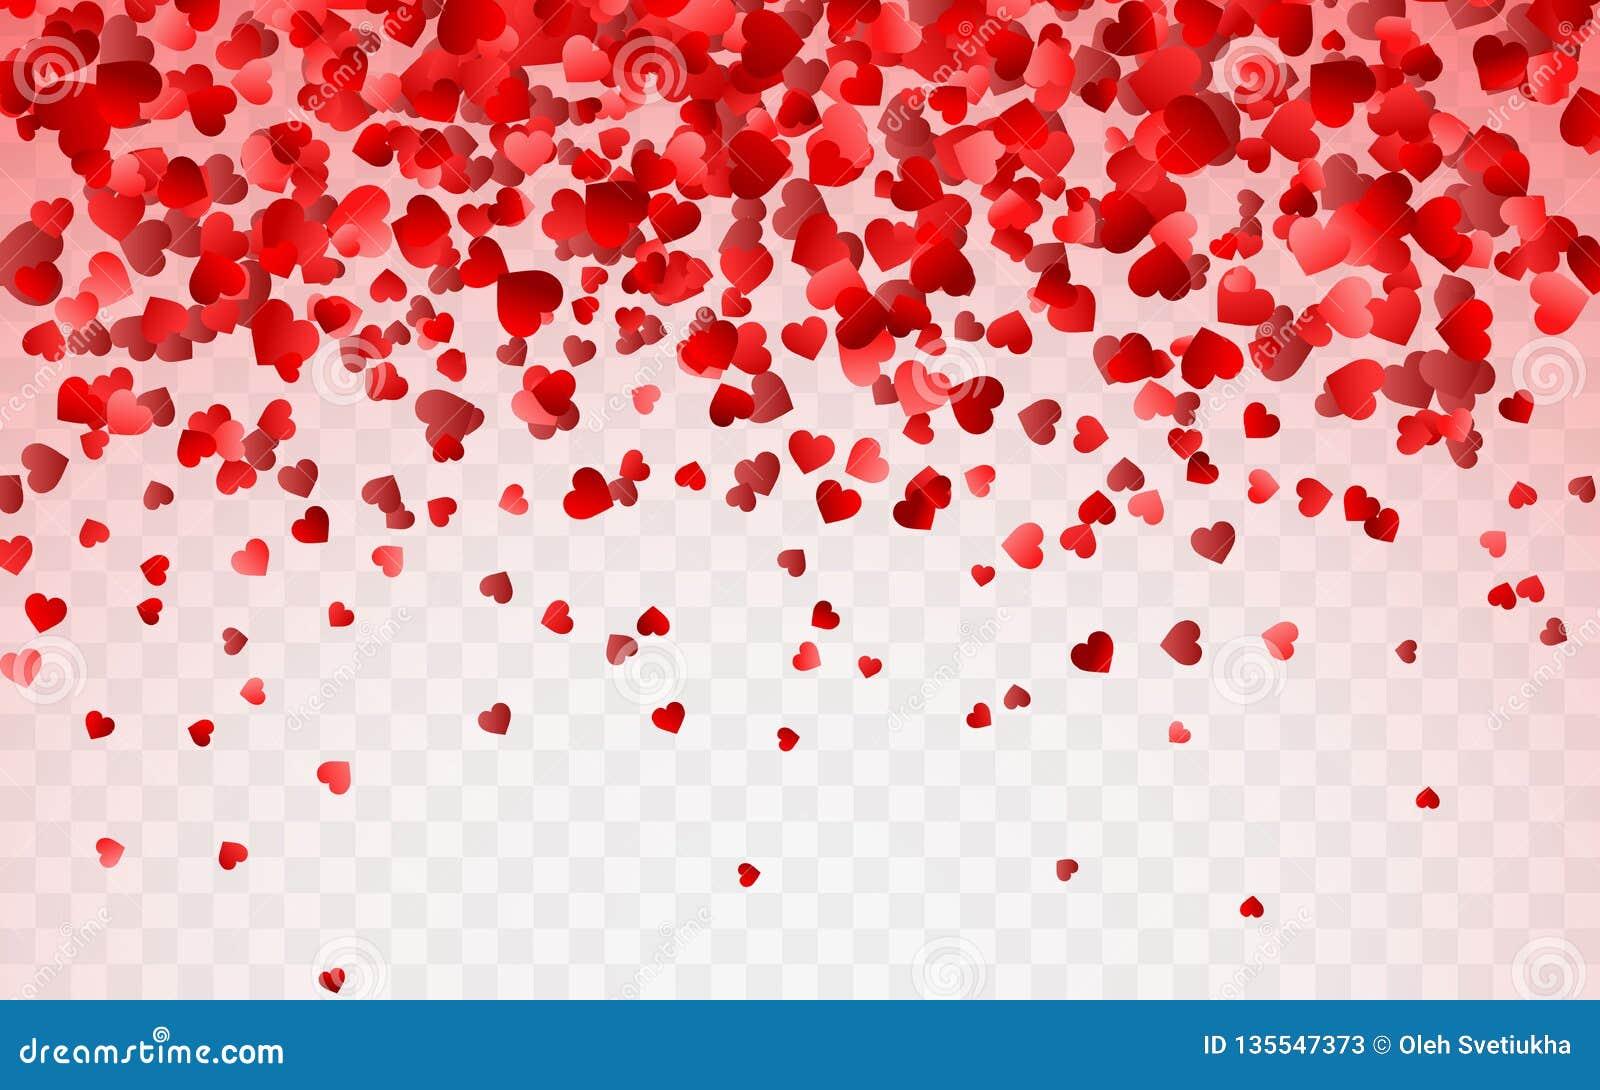 Κόκκινο σχέδιο του τυχαίου μειωμένου κομφετί καρδιών Στοιχείο σχεδίου συνόρων για το εορταστικό έμβλημα, ευχετήρια κάρτα, κάρτα,